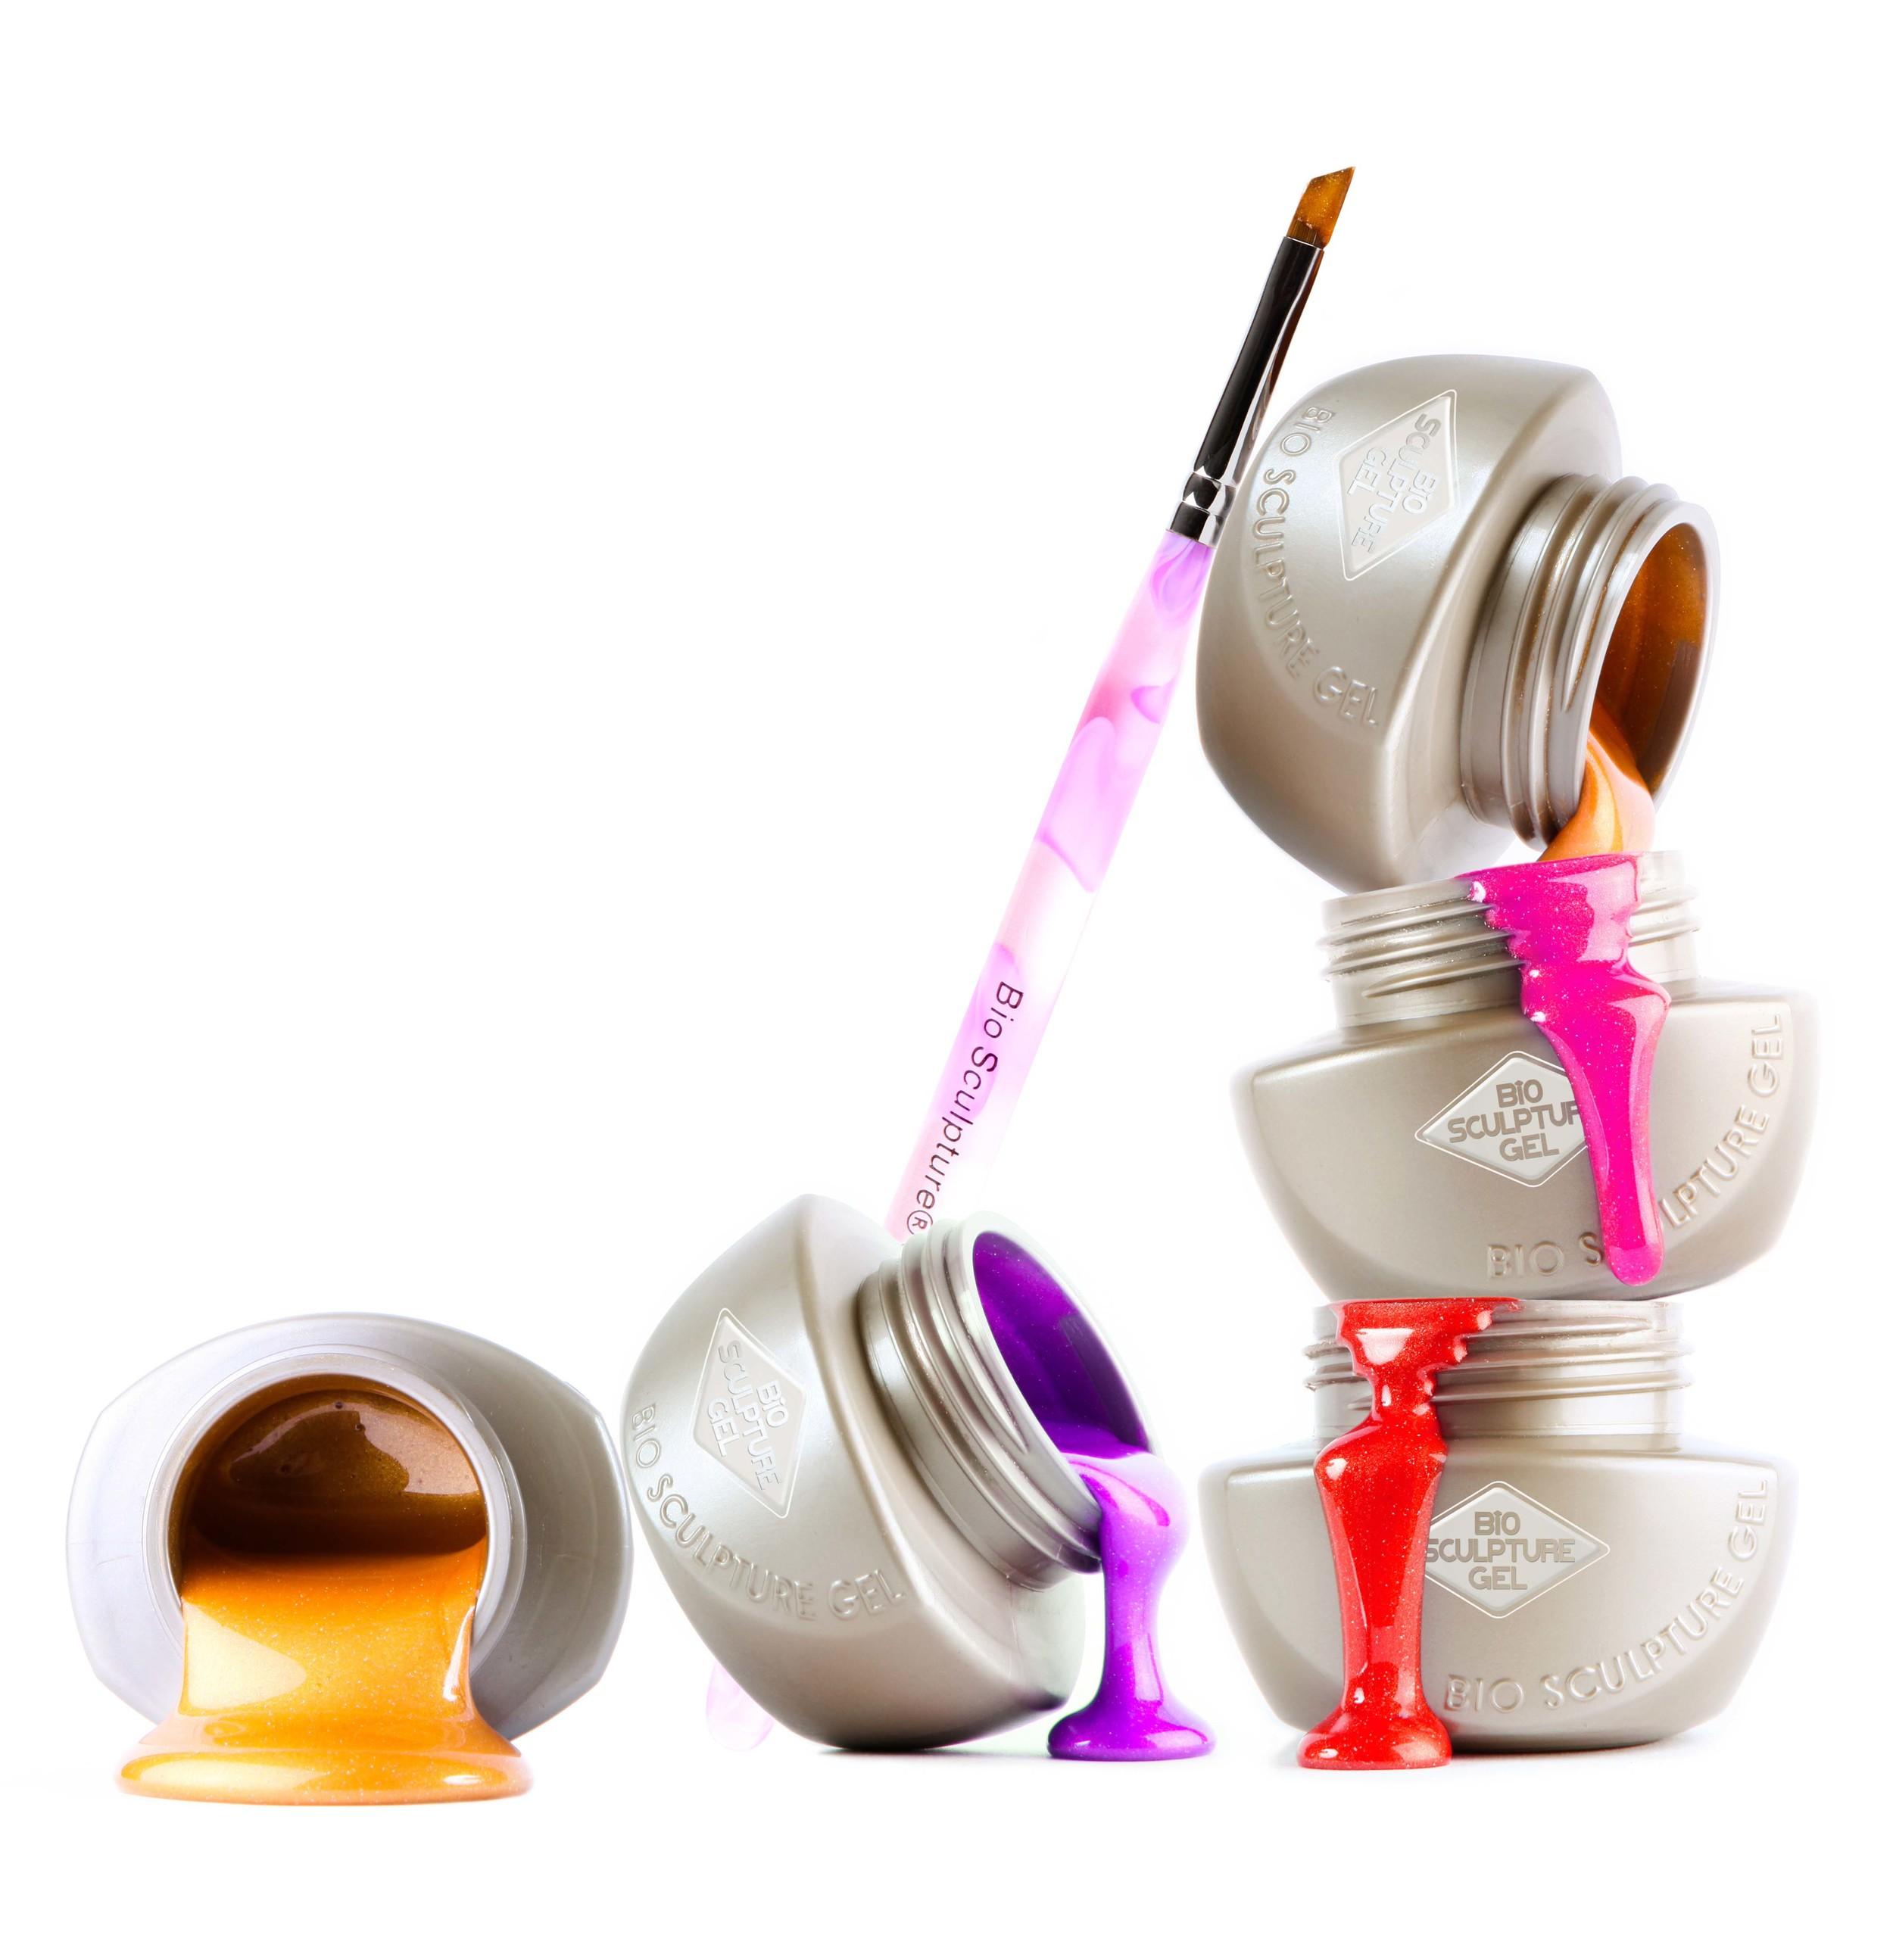 Bio Sculpture Gels at Your Fingertips